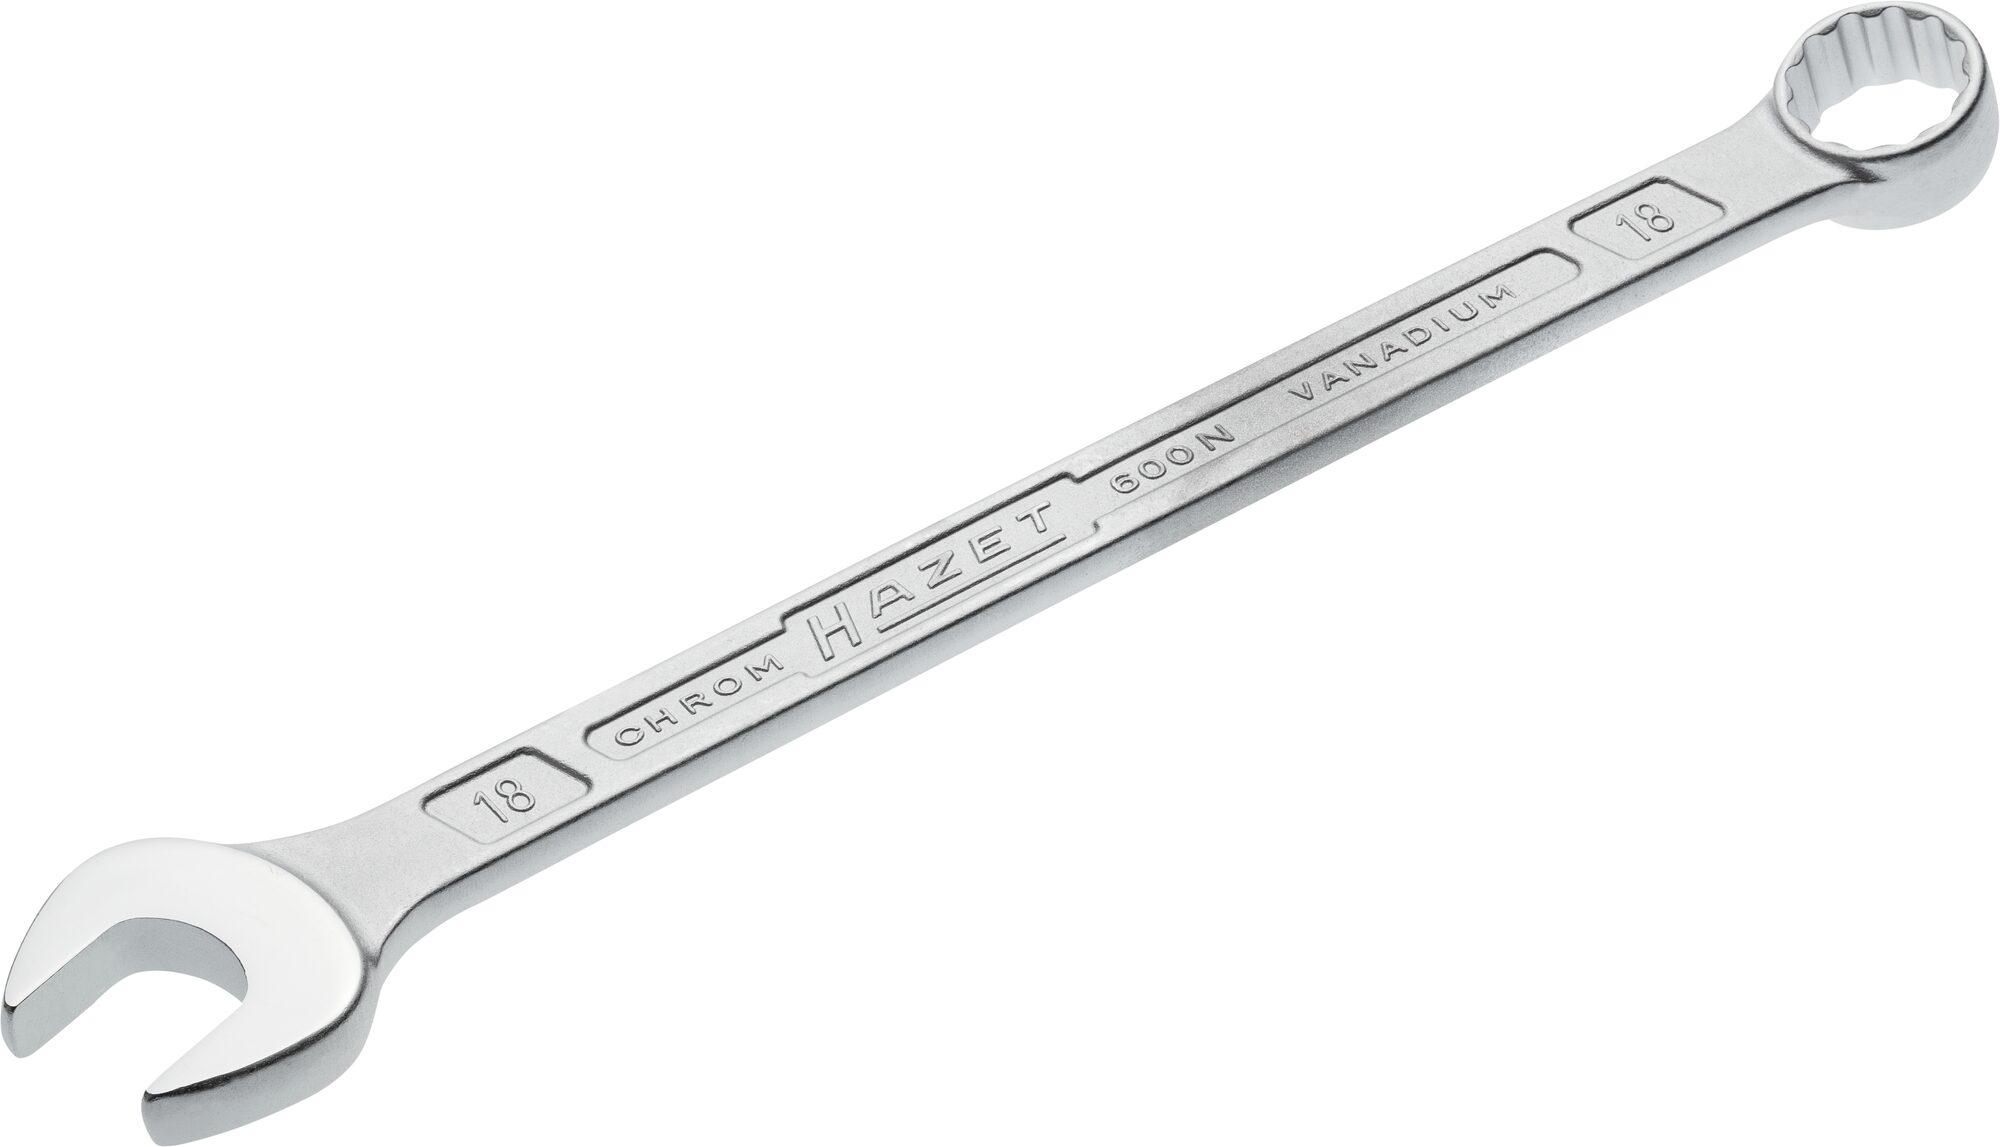 HAZET Ring-Maulschlüssel 600N-18 ∙ Außen-Doppel-Sechskant-Tractionsprofil ∙ 18 mm